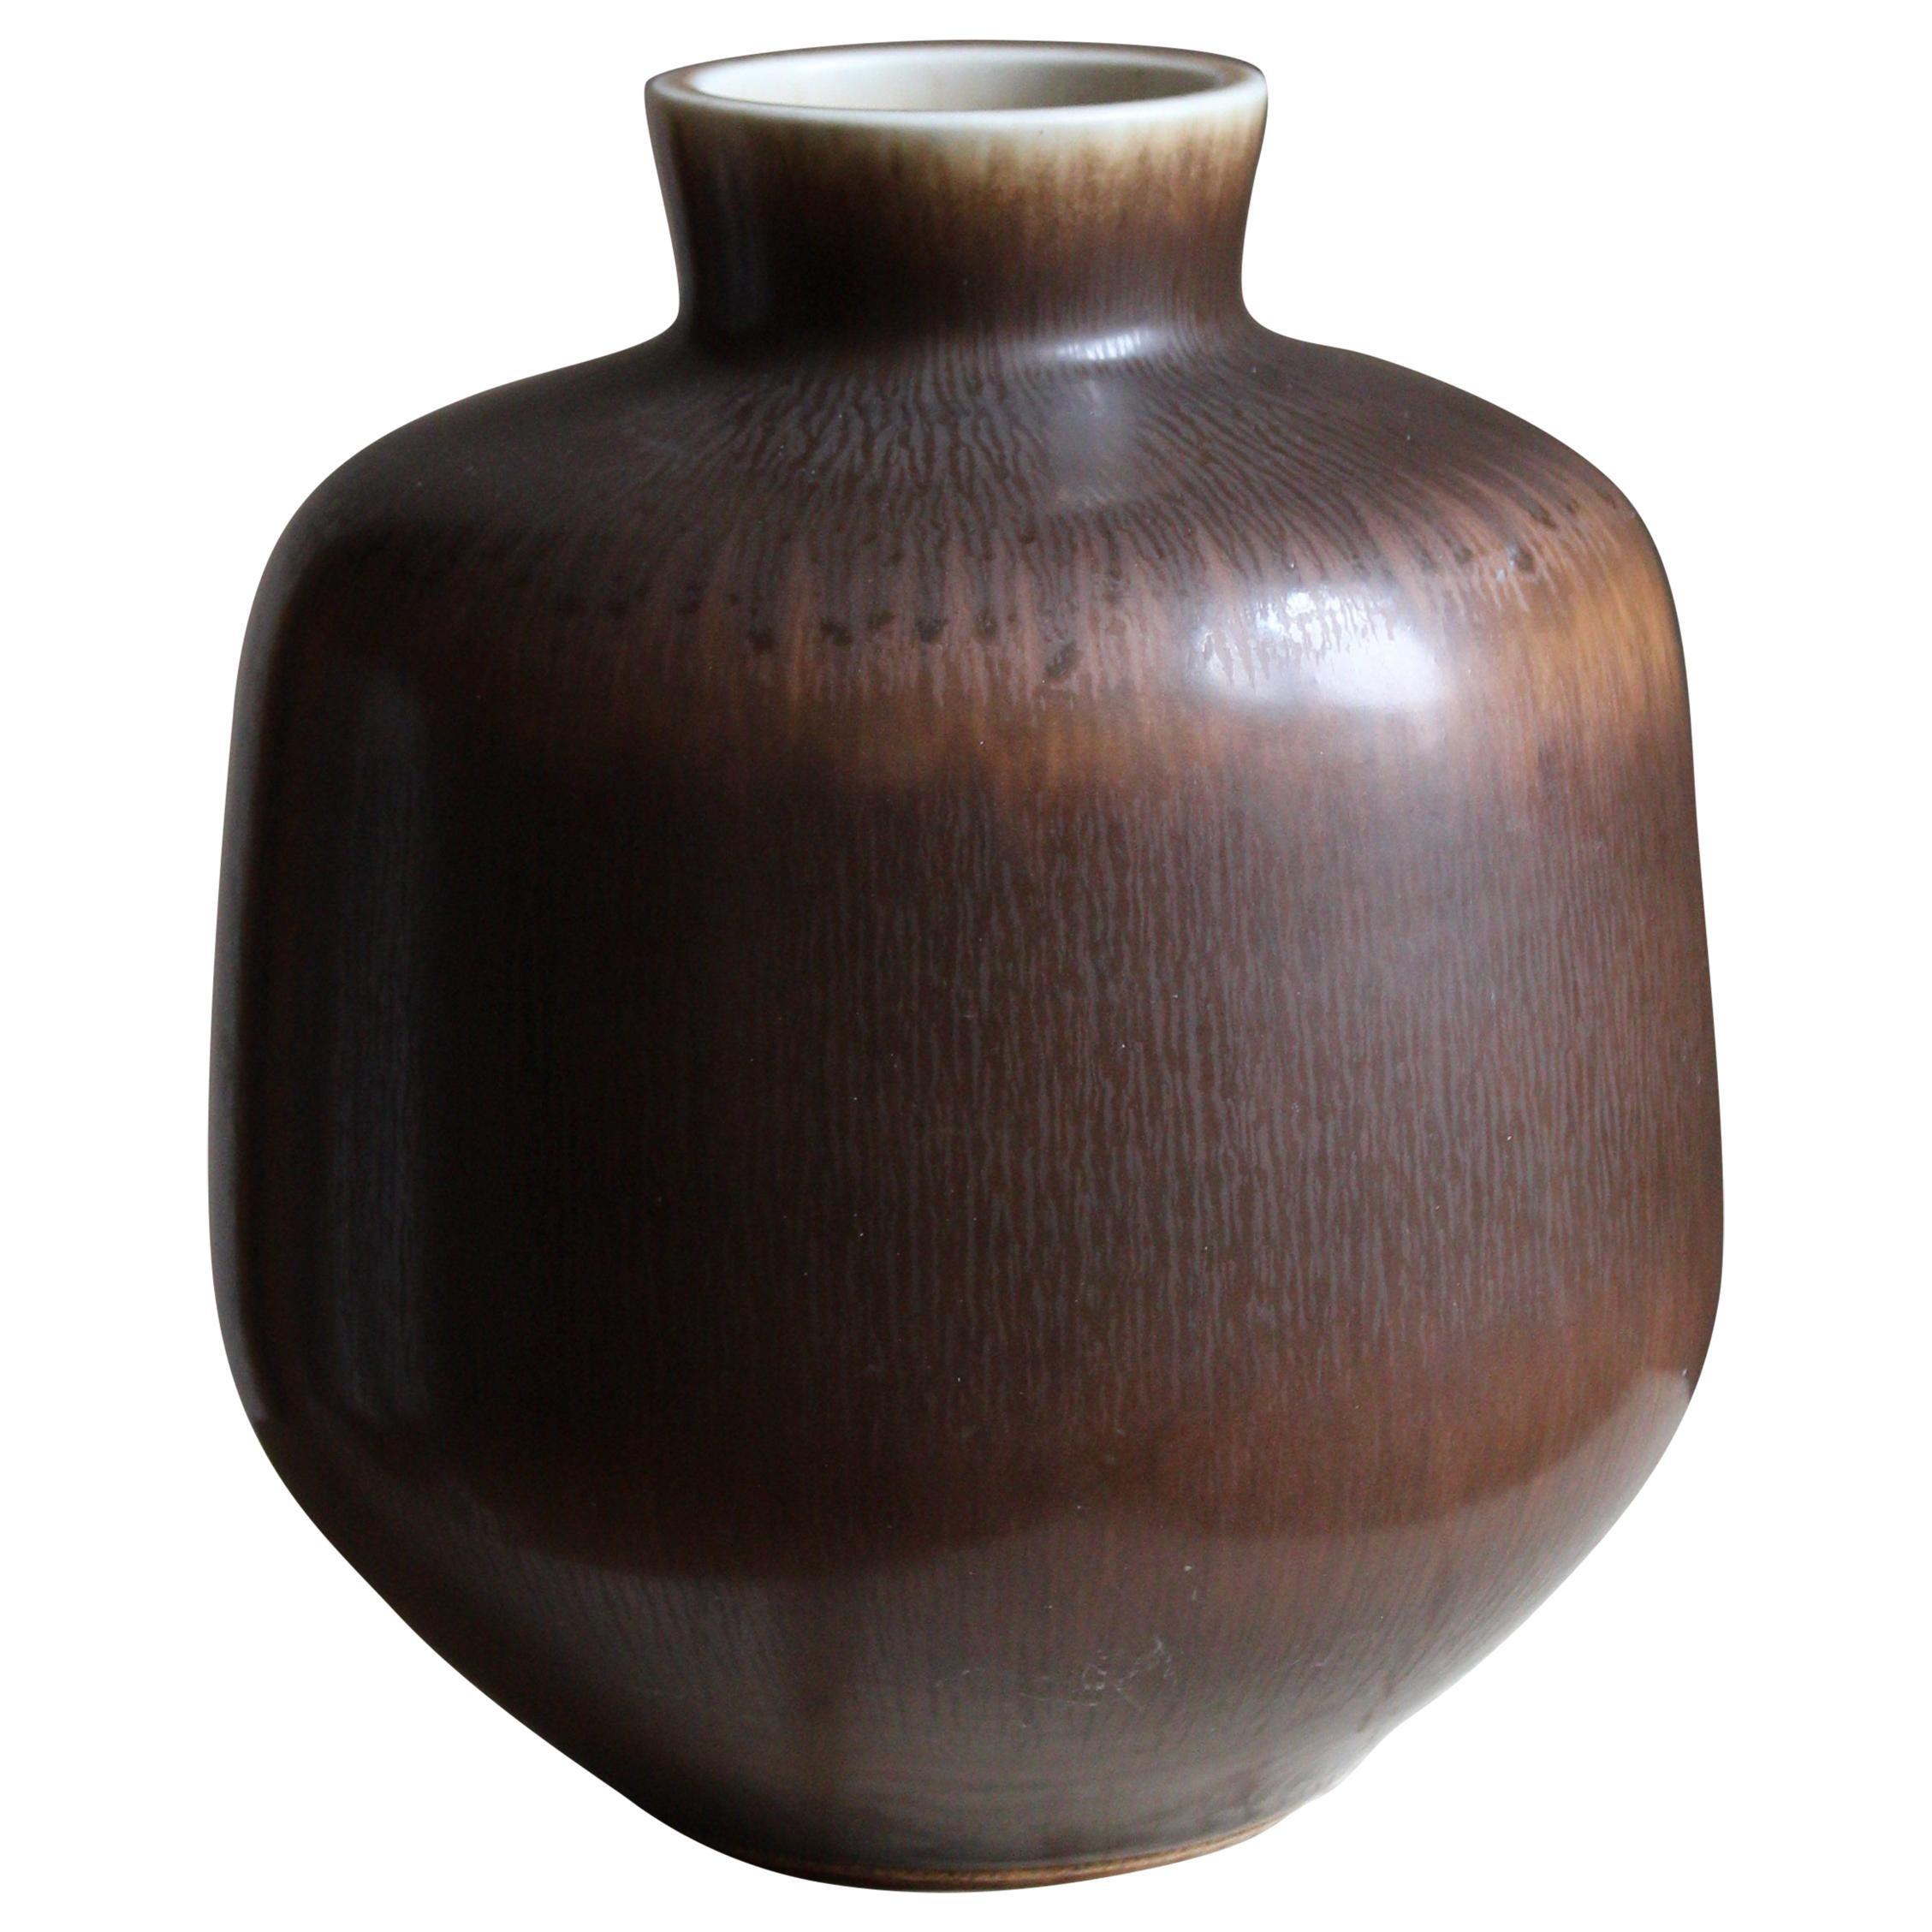 Berndt Friberg Vase, Brown Glazed Stoneware, Gustavsberg, 1960s